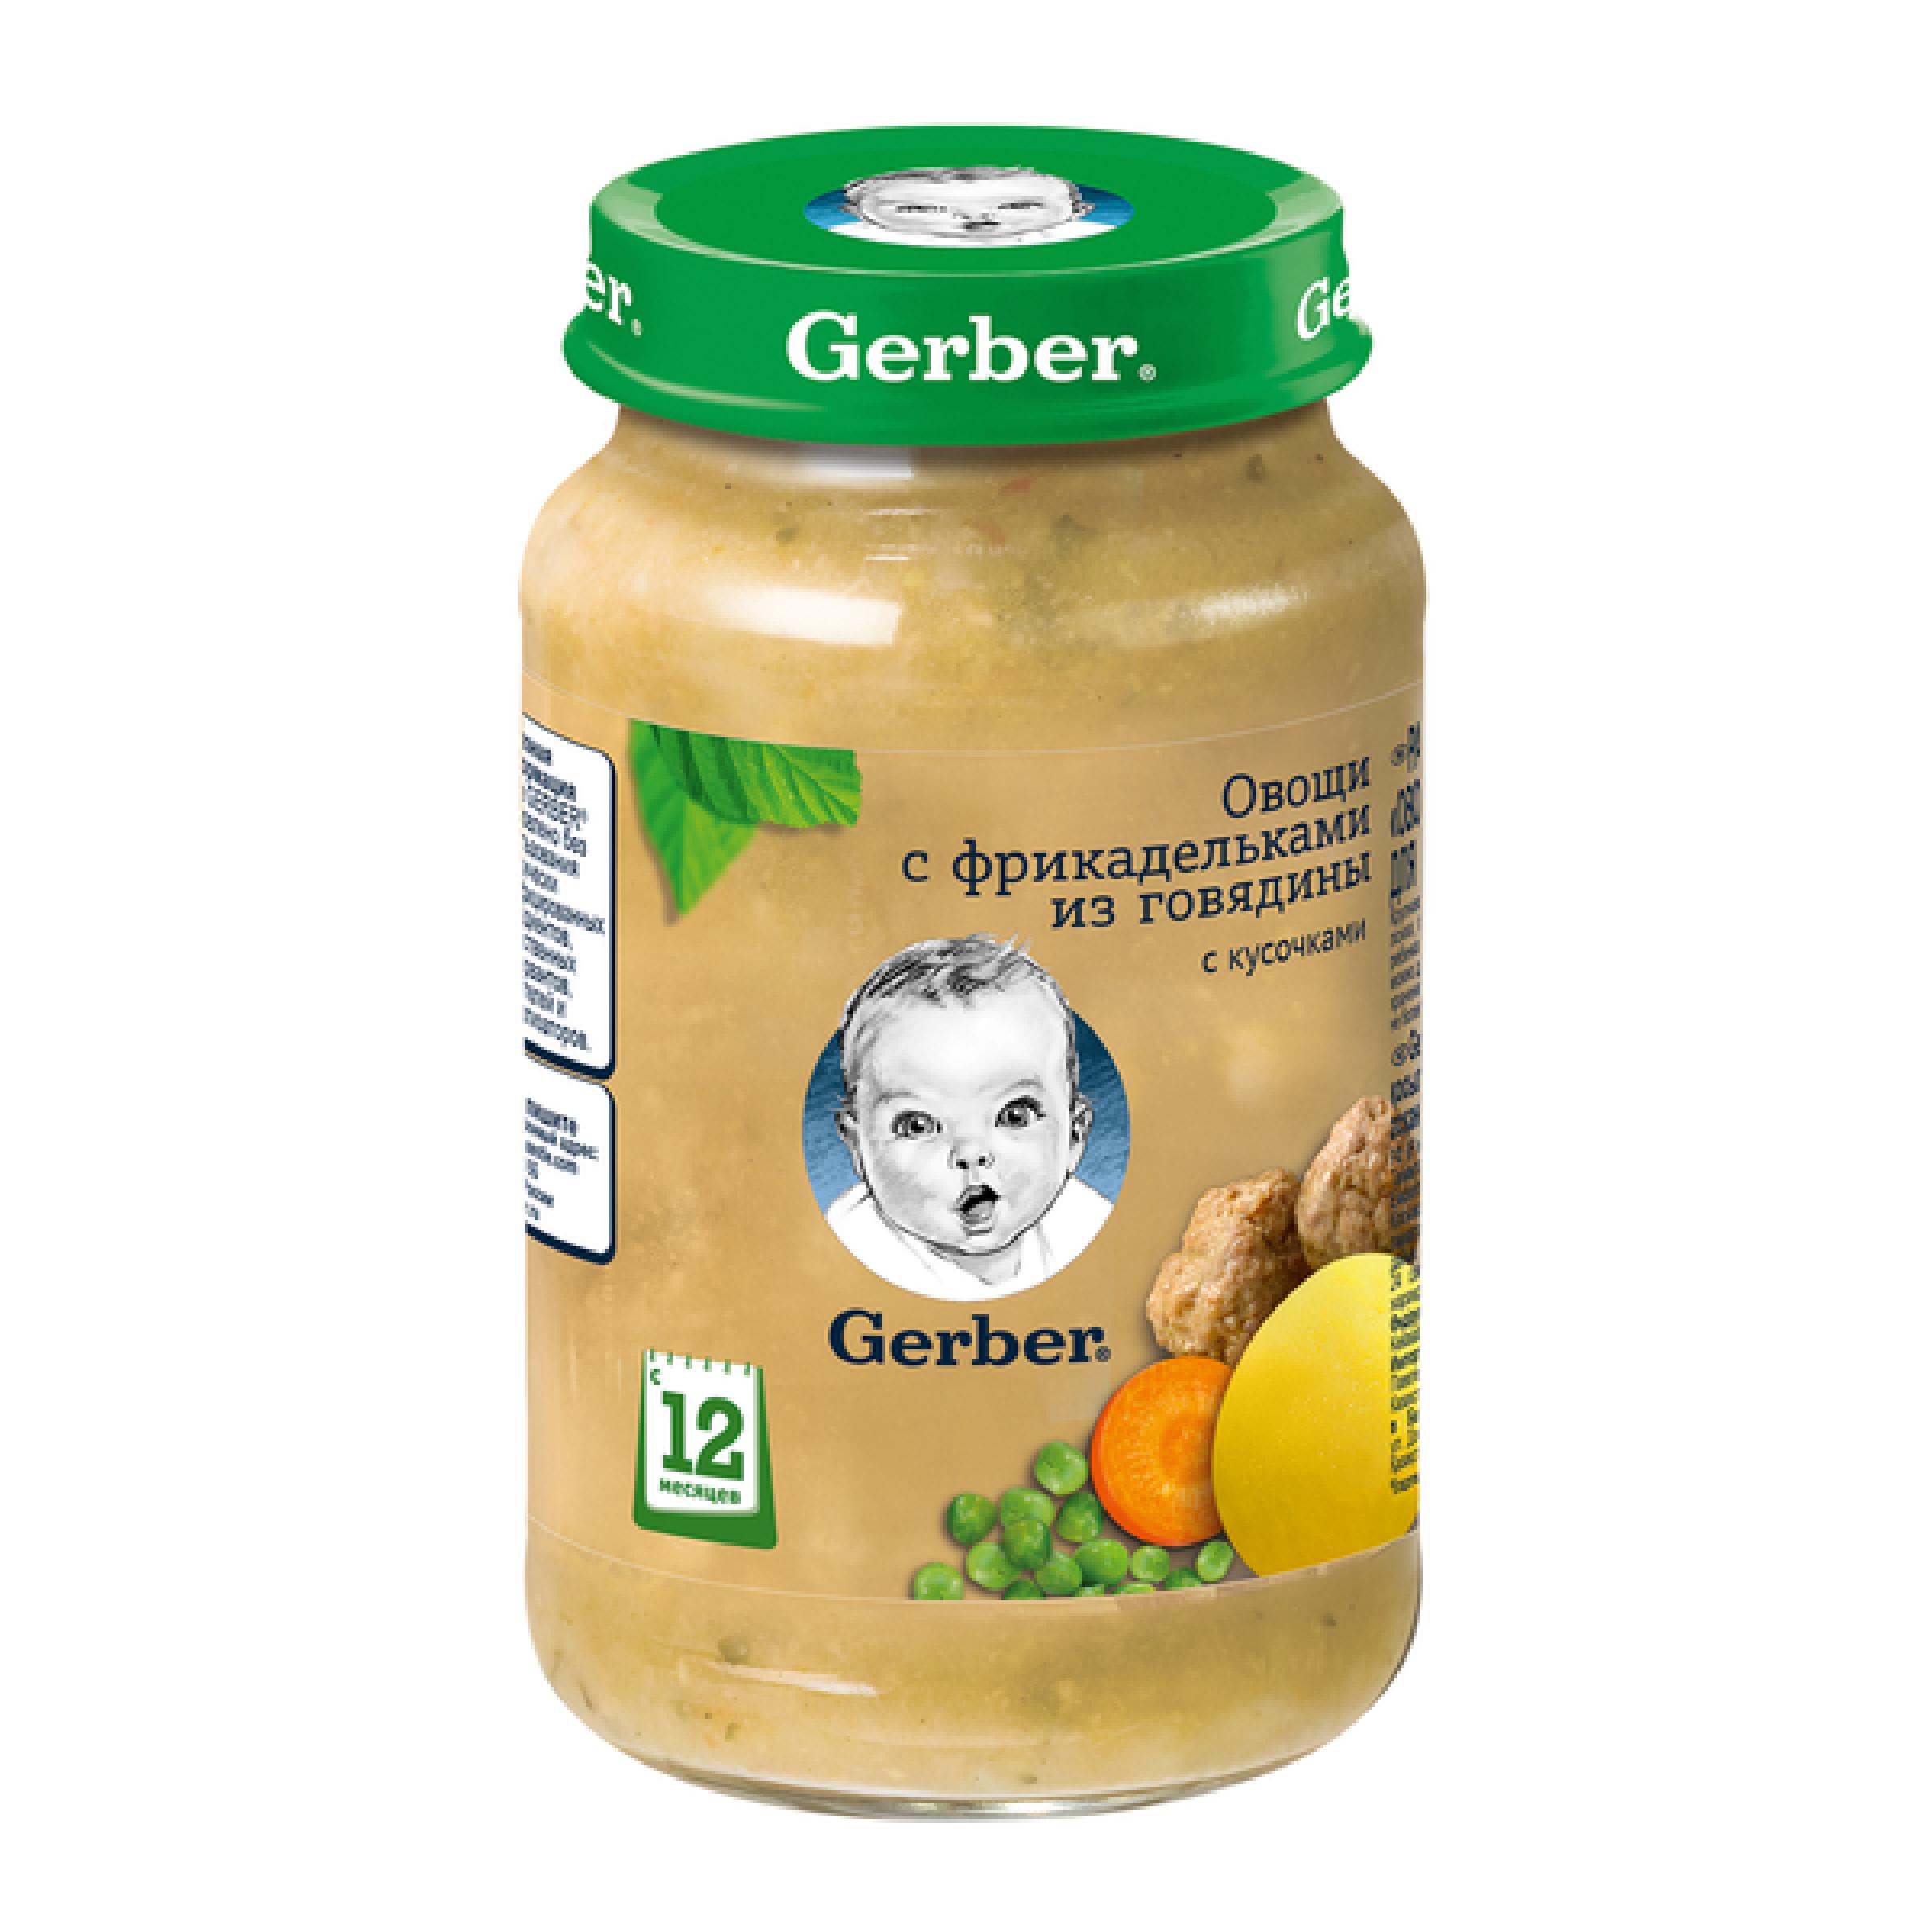 Пюре Gerber Овощи с фрикадельками из говядины, 190 гр